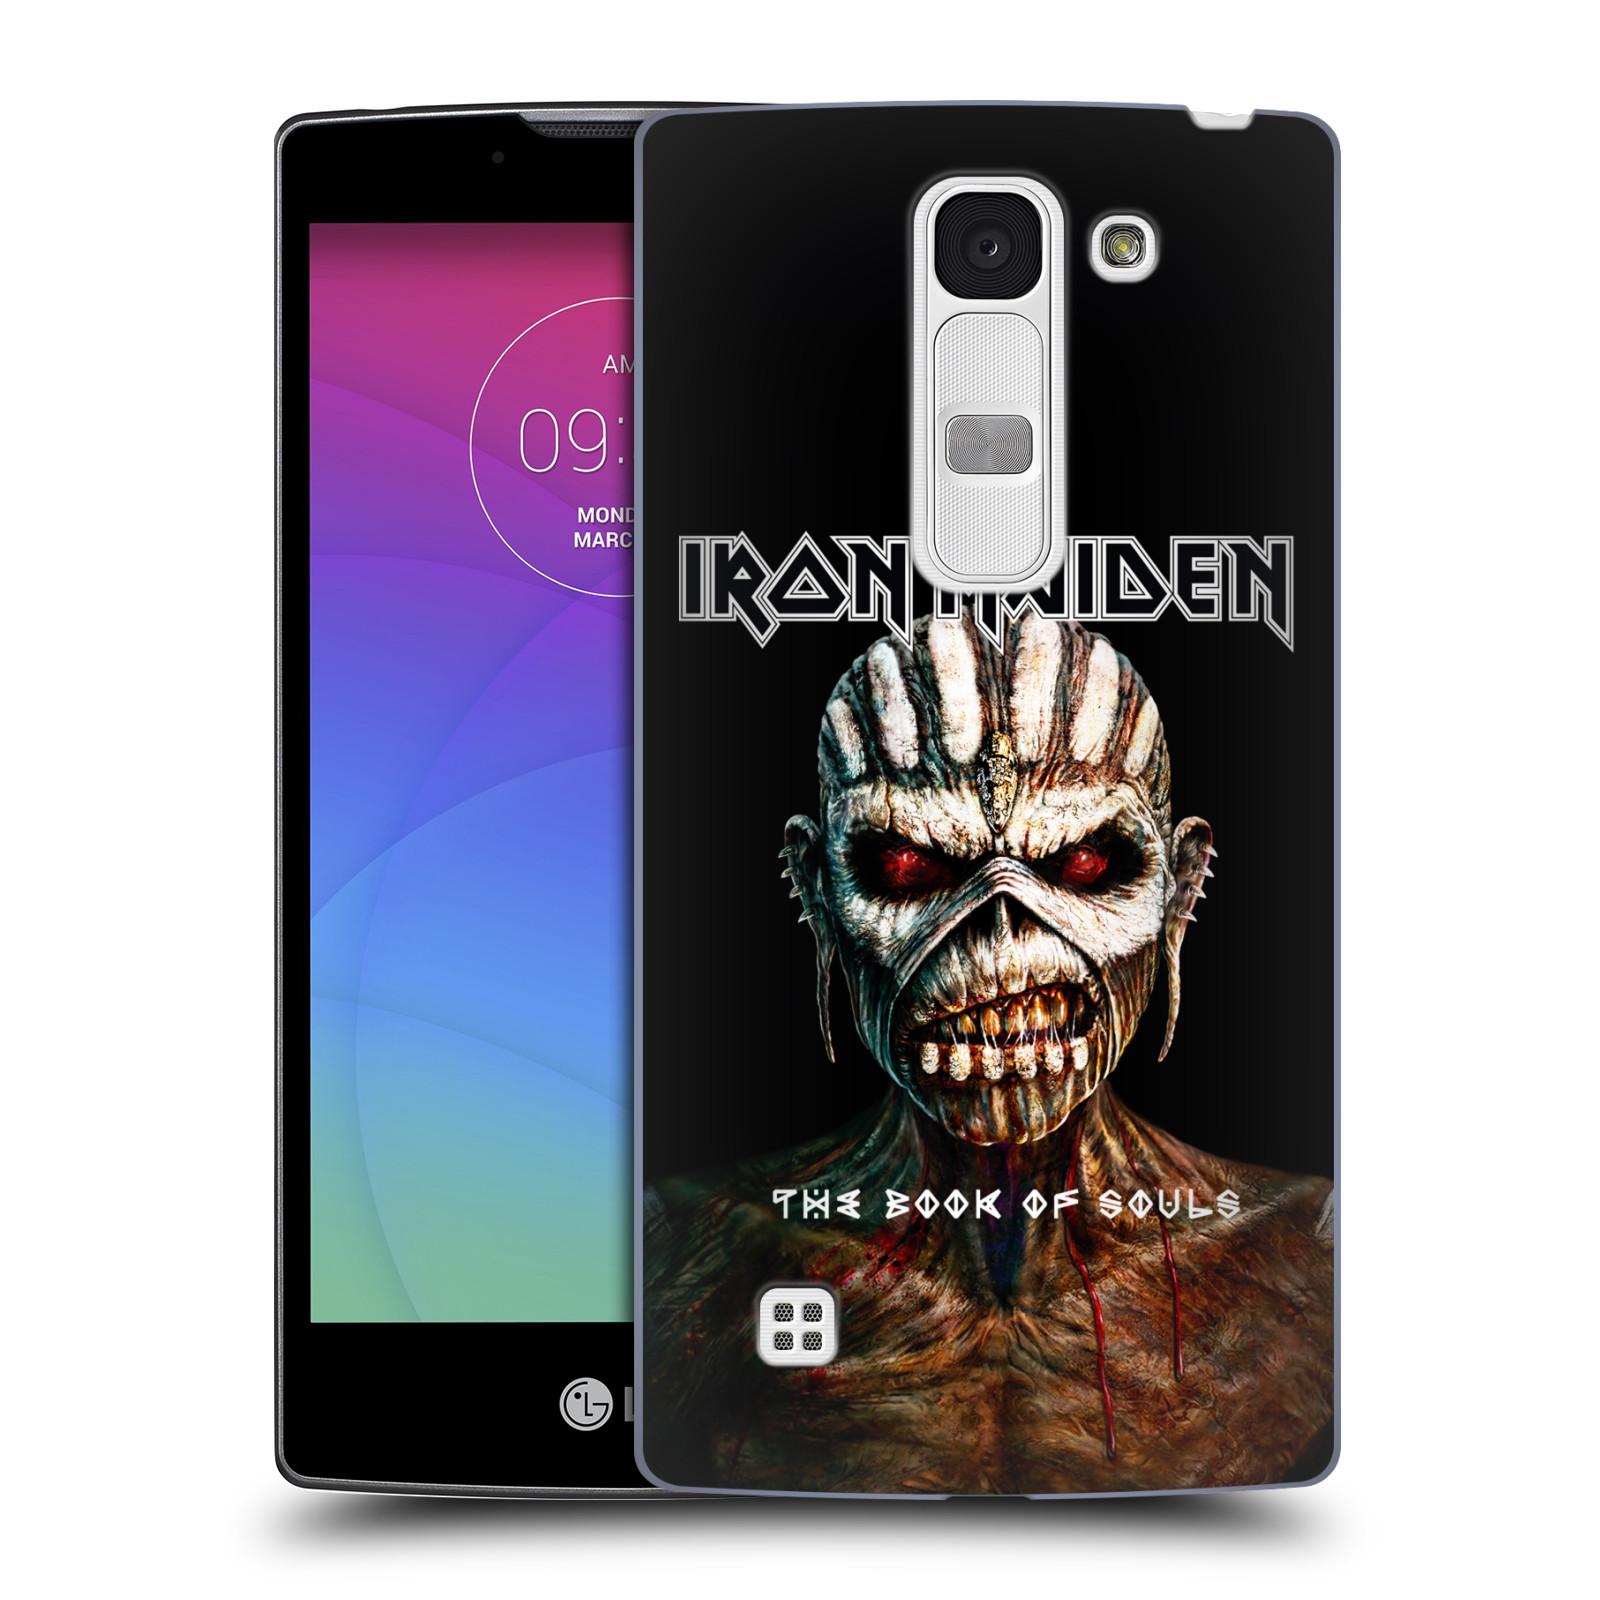 Plastové pouzdro na mobil LG Spirit LTE HEAD CASE - Iron Maiden - The Book Of Souls (Plastový kryt či obal na mobilní telefon s licencovaným motivem Iron Maiden LG Spirit H420 a LG Spirit LTE H440N)